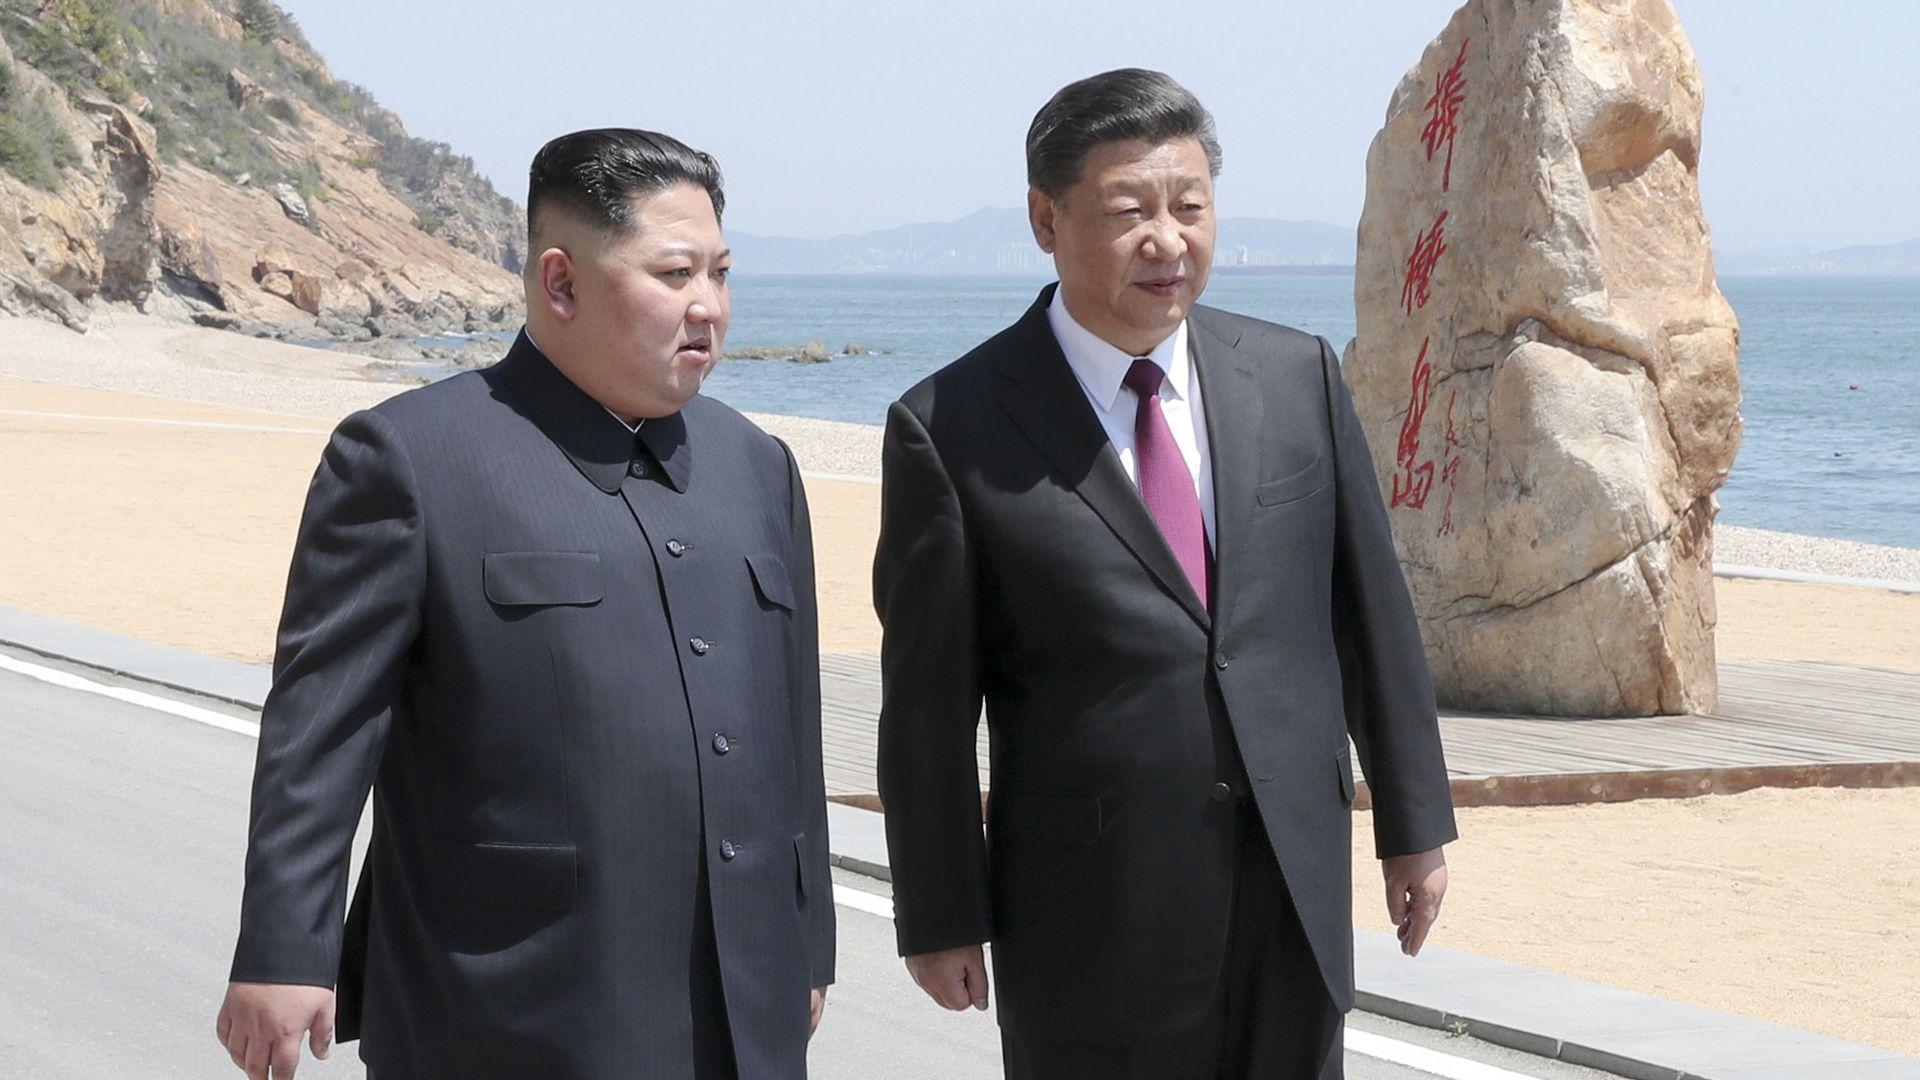 Kim Jong-un and Xi Jingping stroll in China